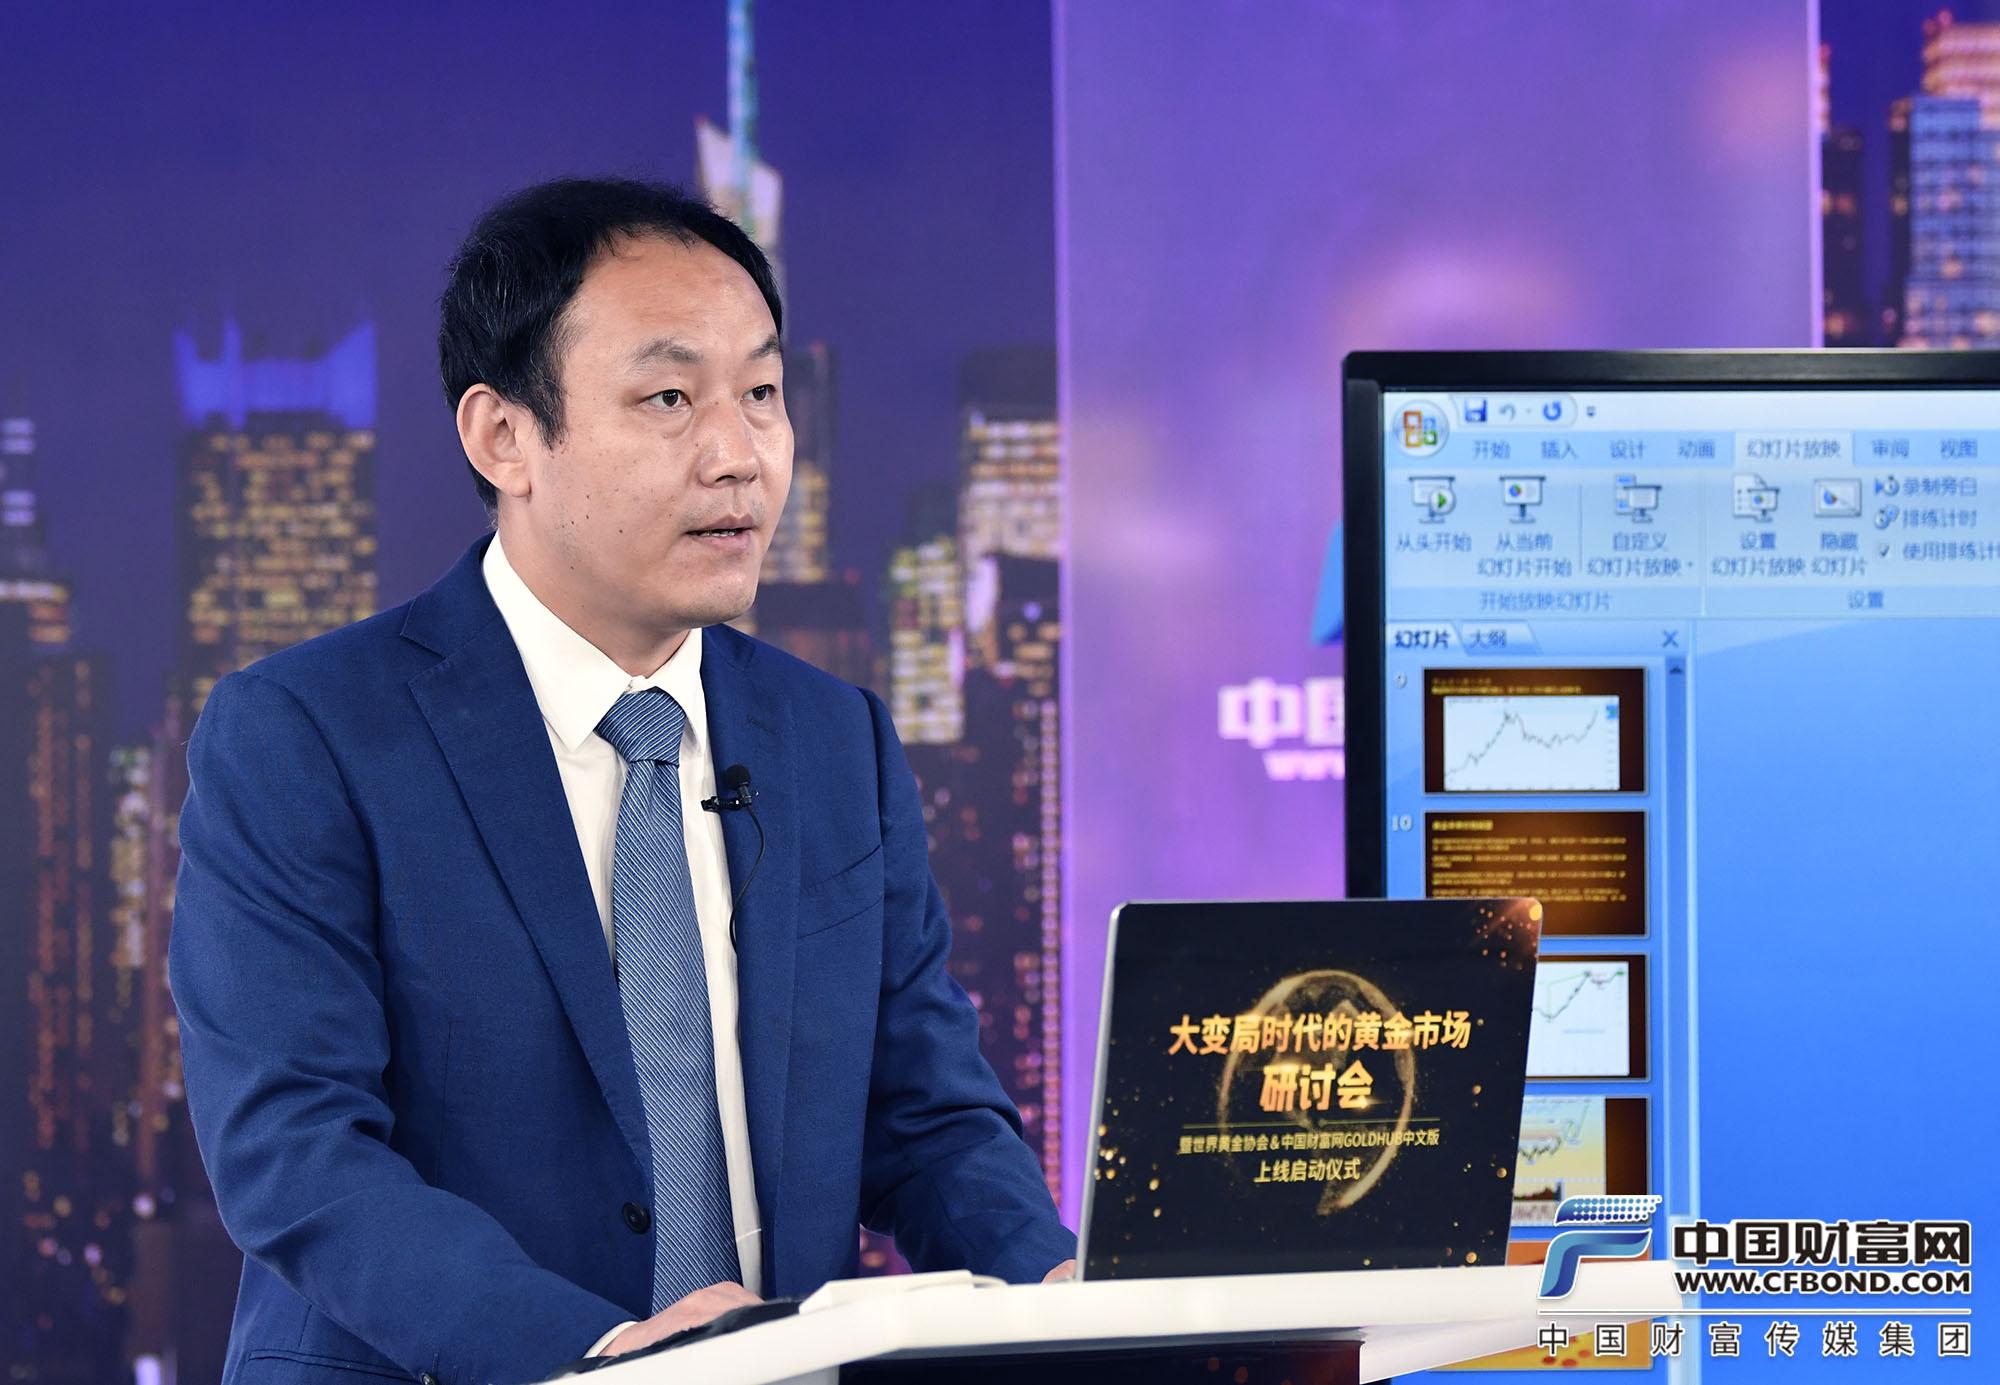 新华社民族品牌工程负责人梁智勇发言